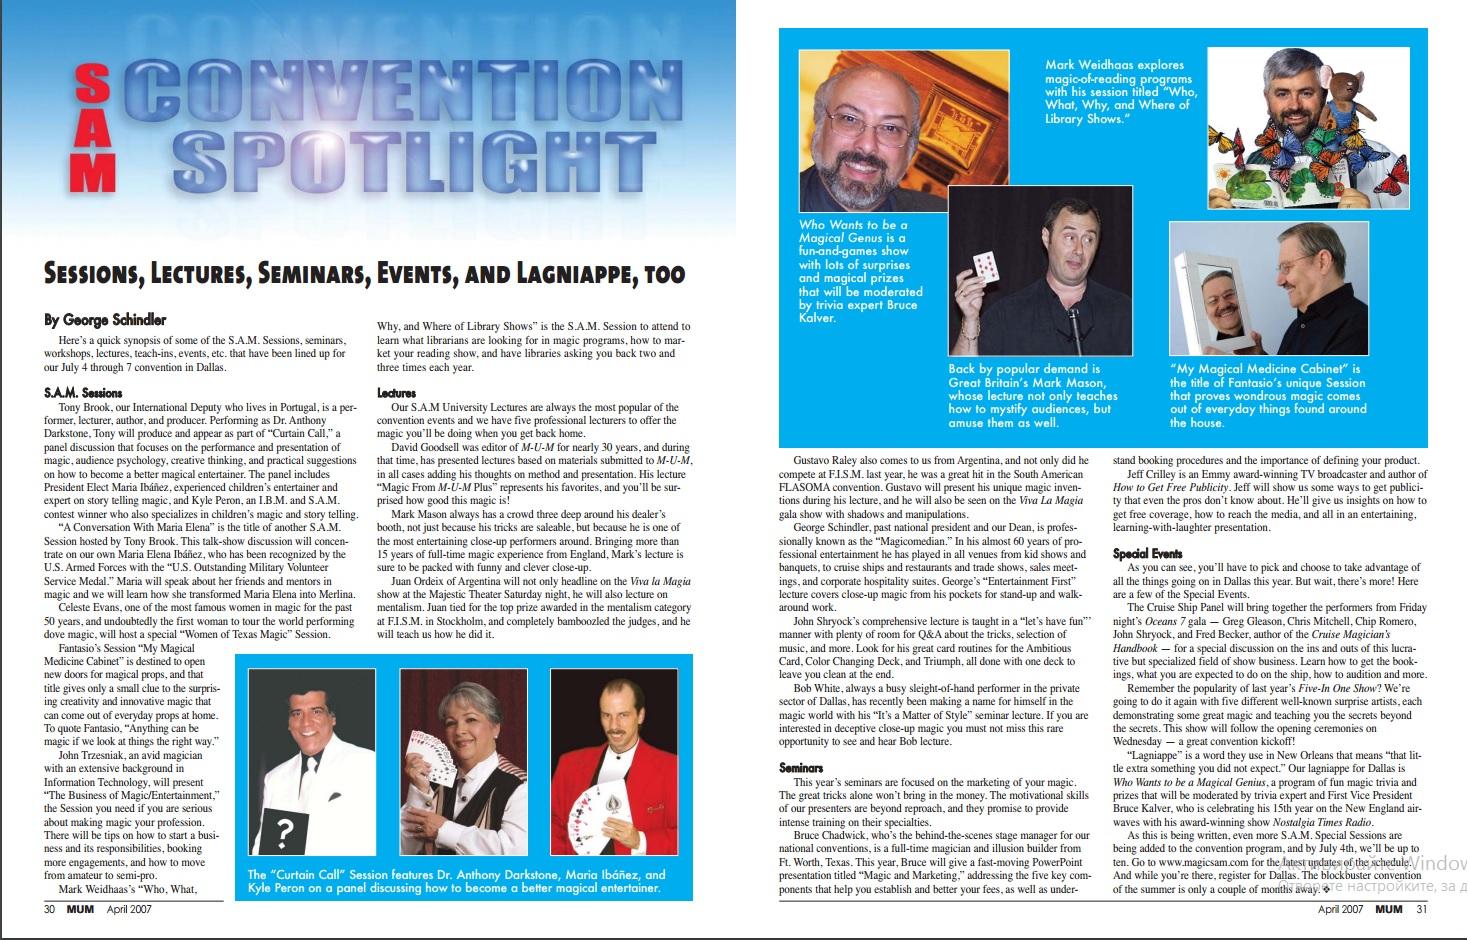 Convention Spotlight Mars